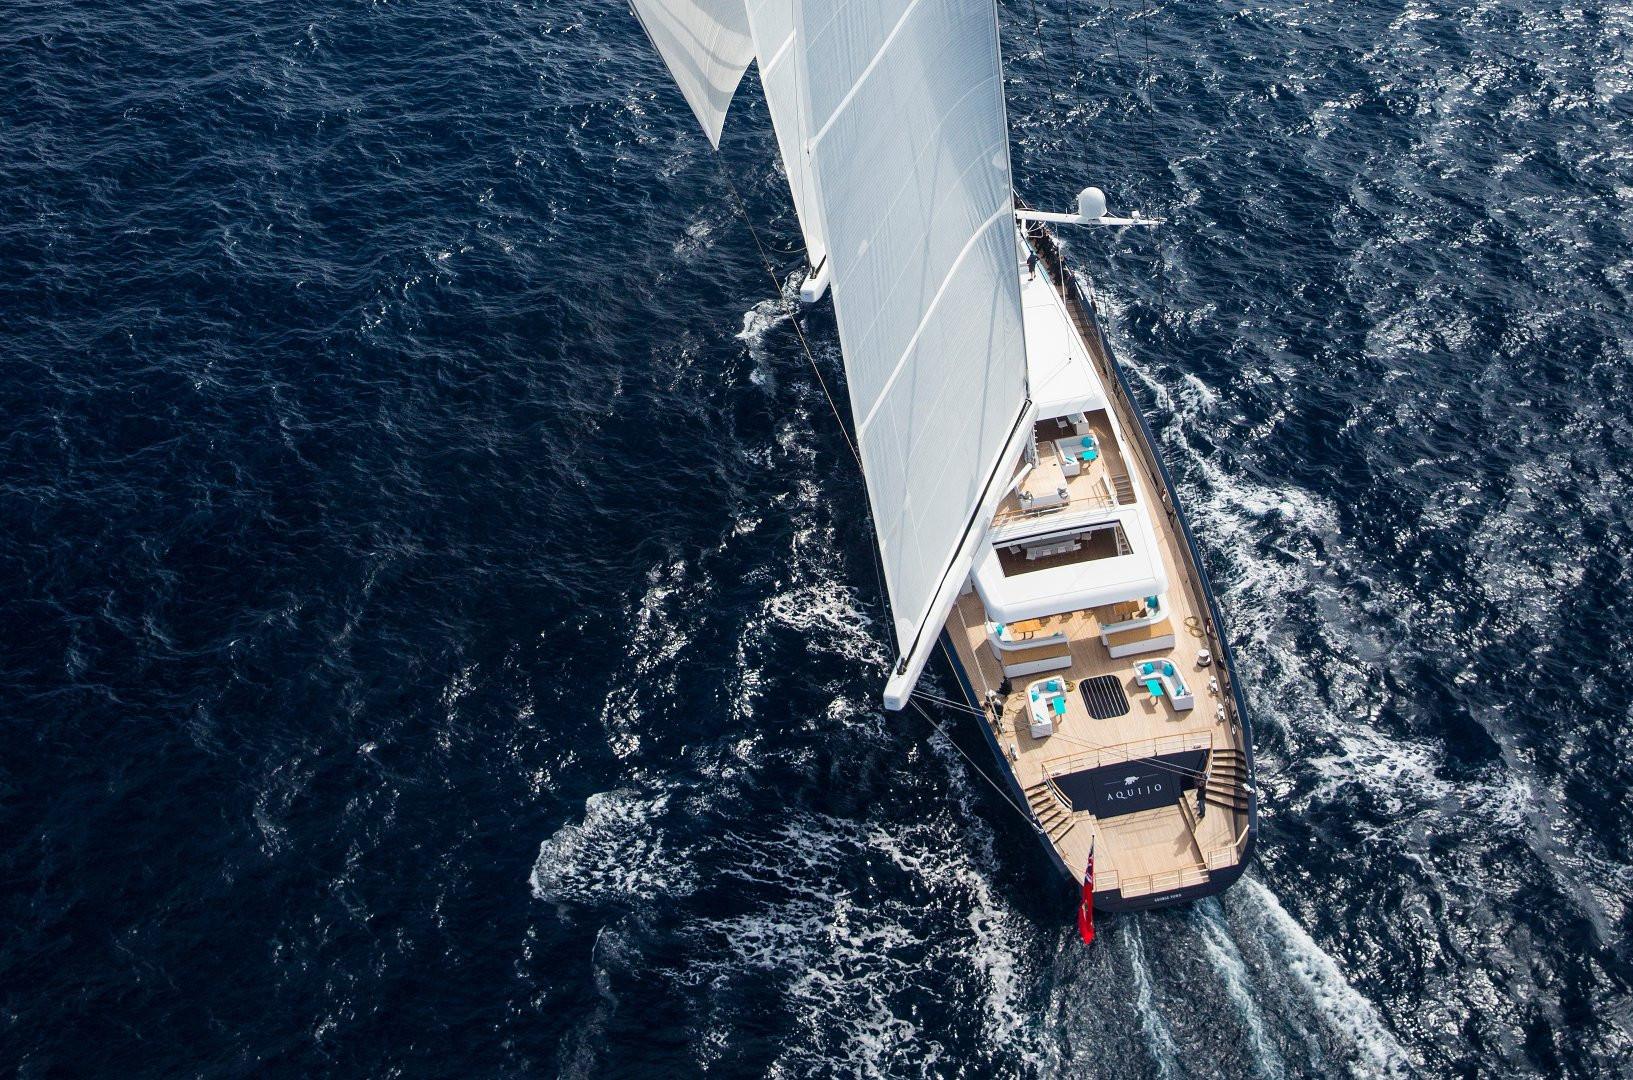 Yacht AQUIJO - under full sail